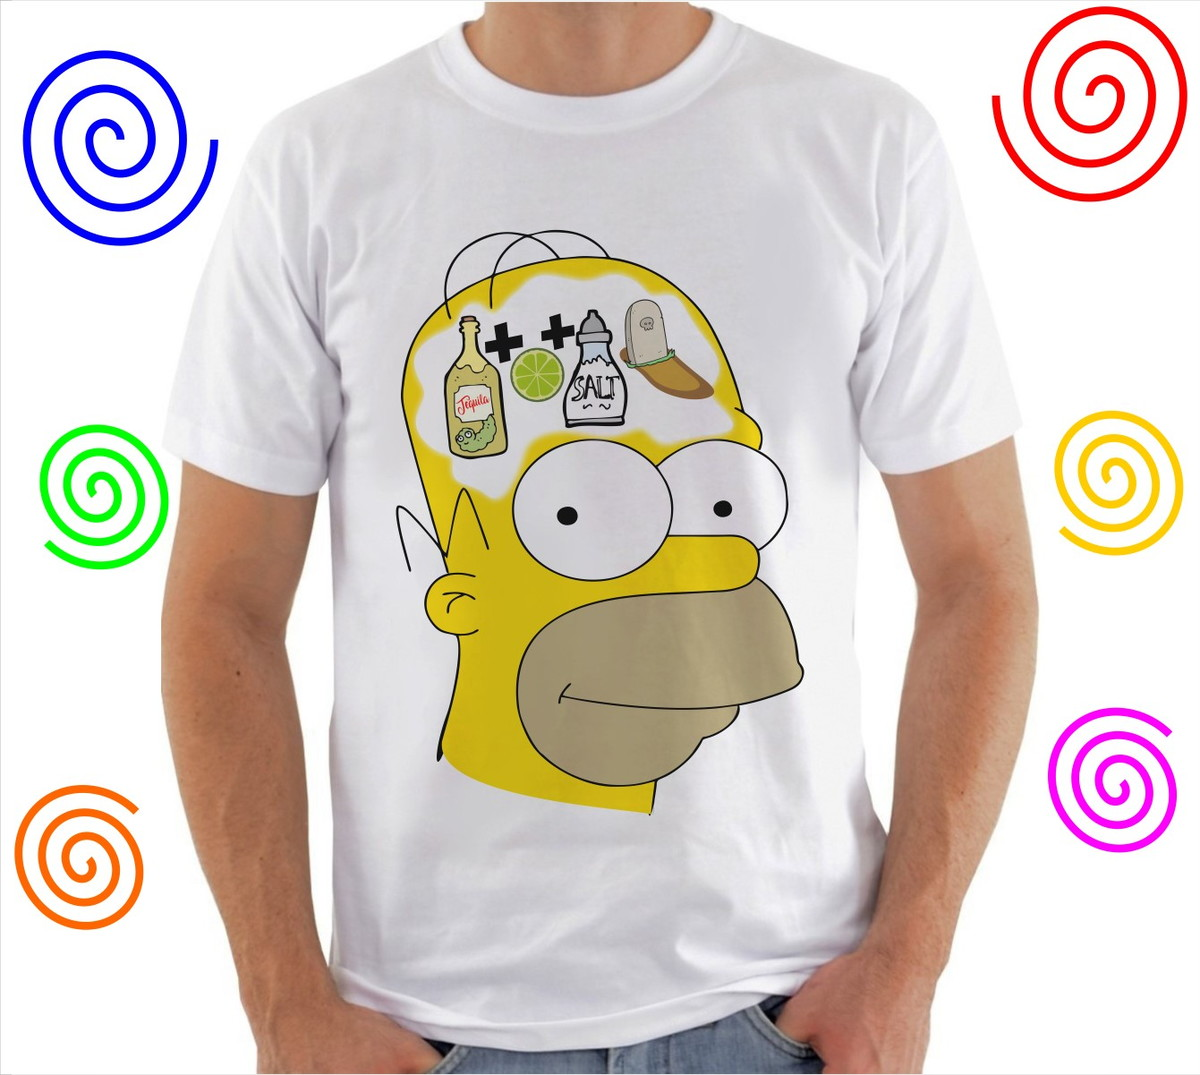 d52084910 Camiseta Carnaval 2019 camisa masculina carnaval lançamento no Elo7 ...